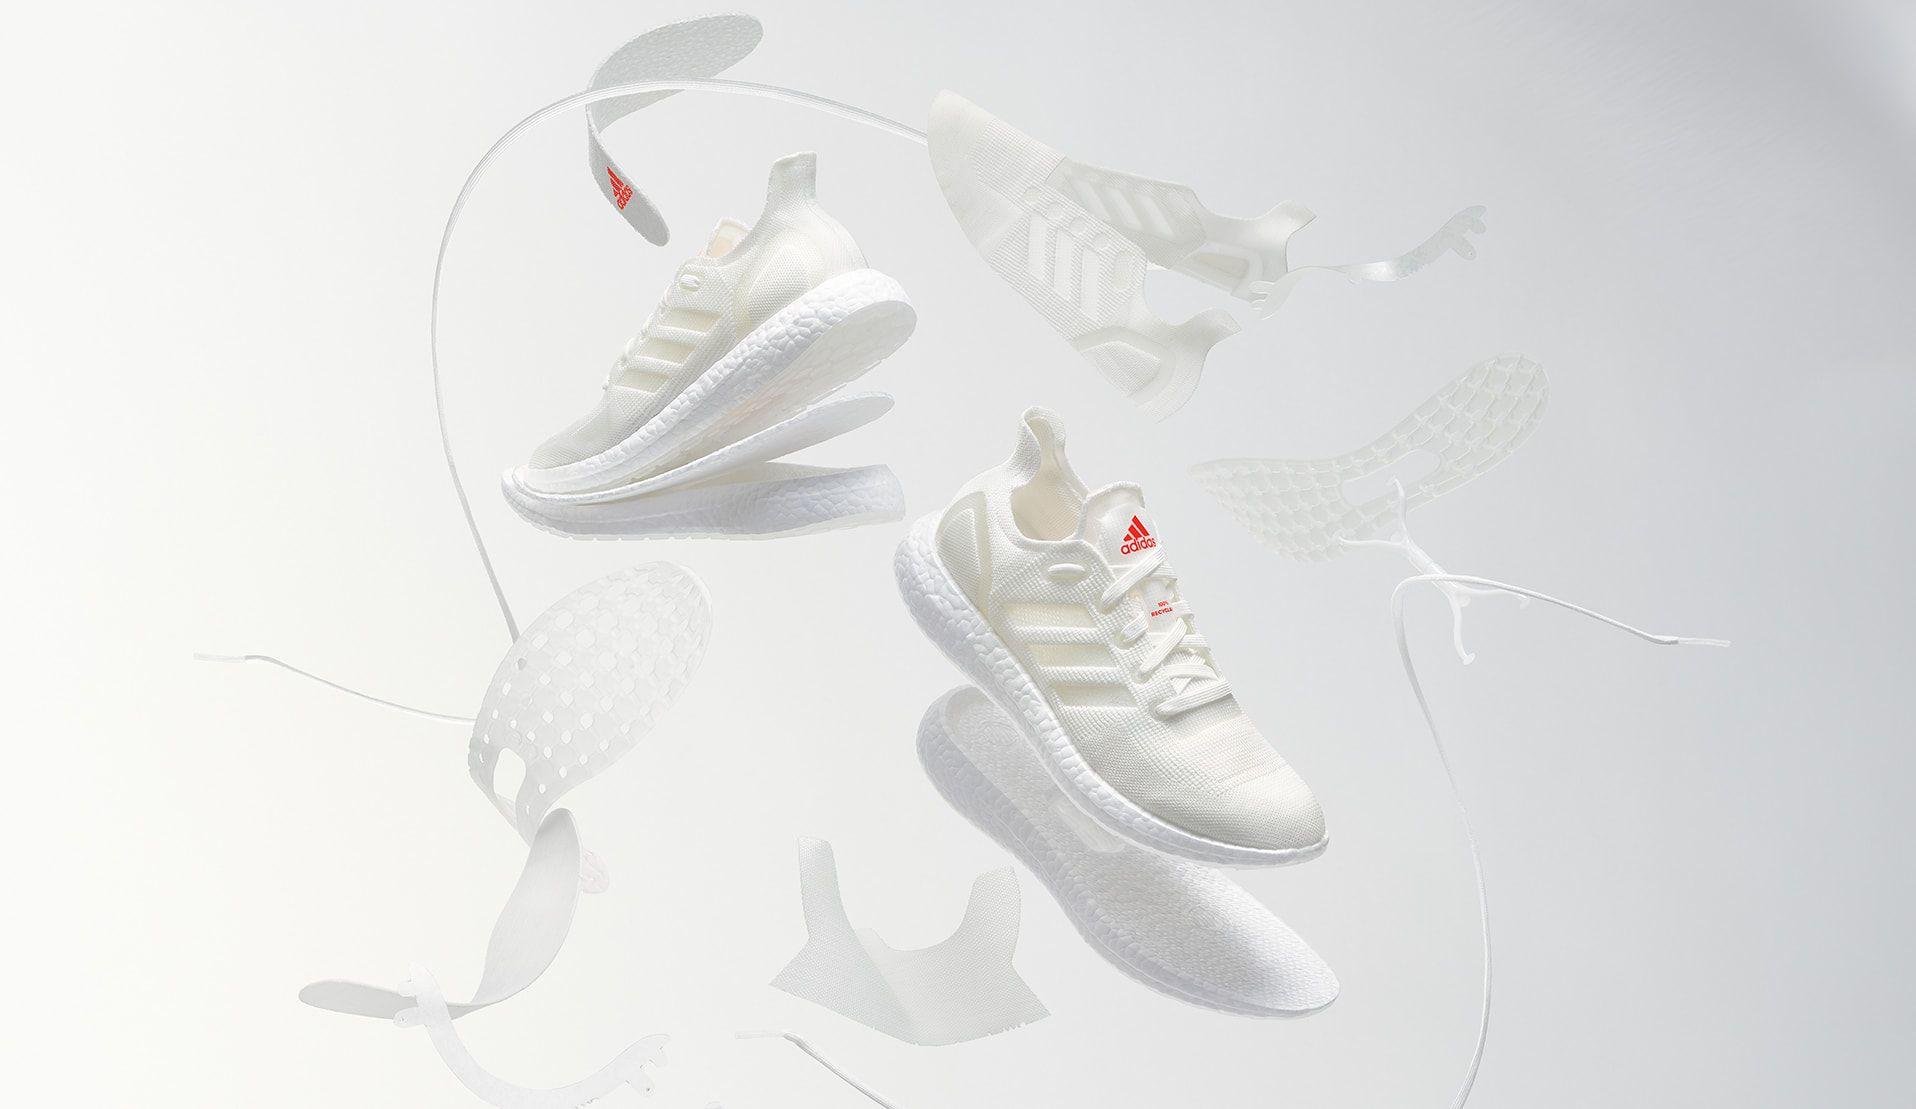 Adidas lance sa première basket 100% recyclable